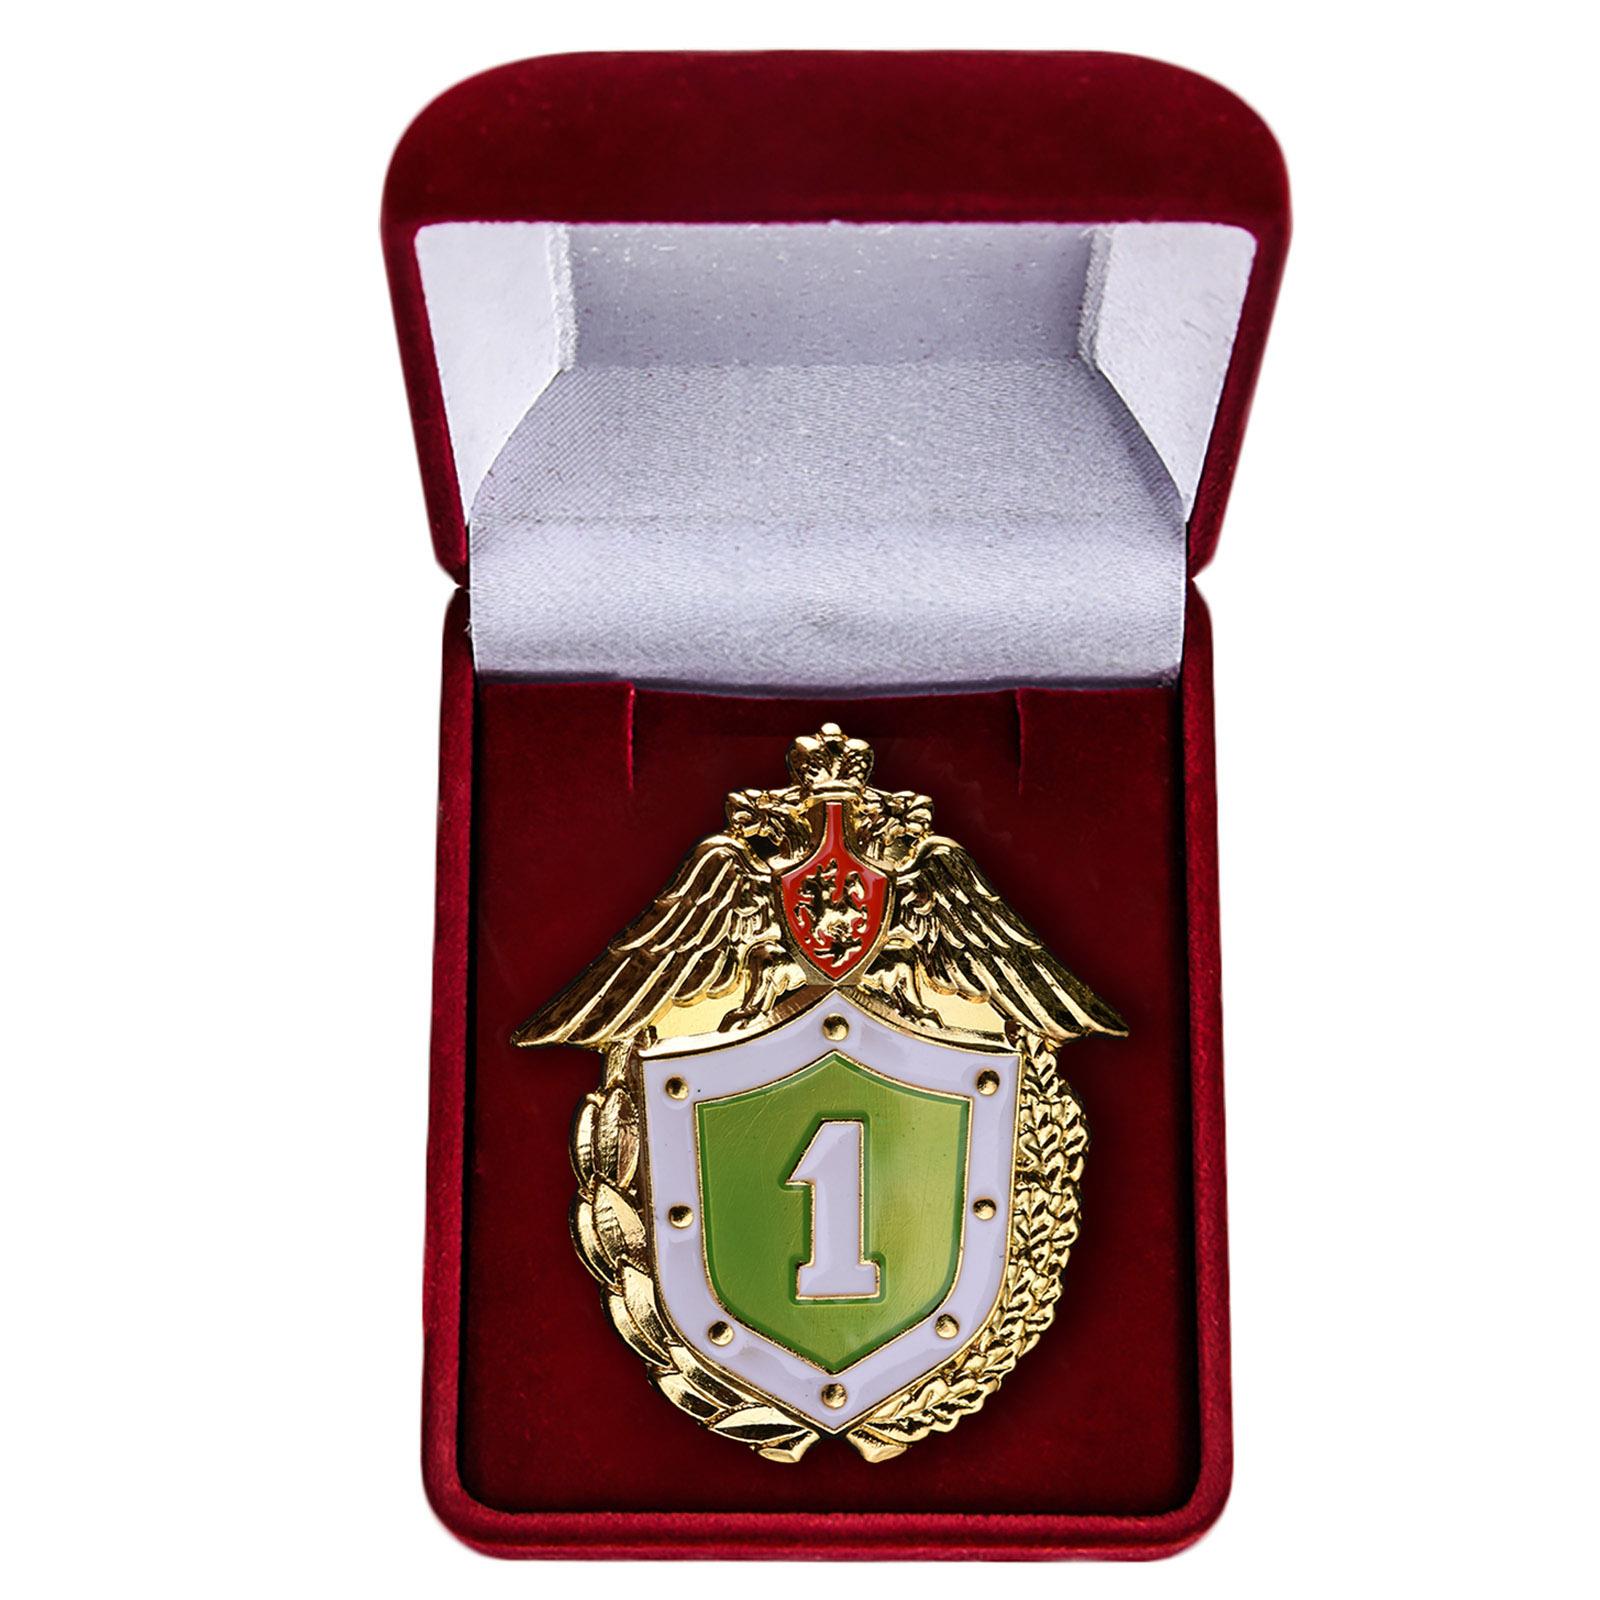 Знак ФПС России Классный специалист 1 класс в бархатном футляре